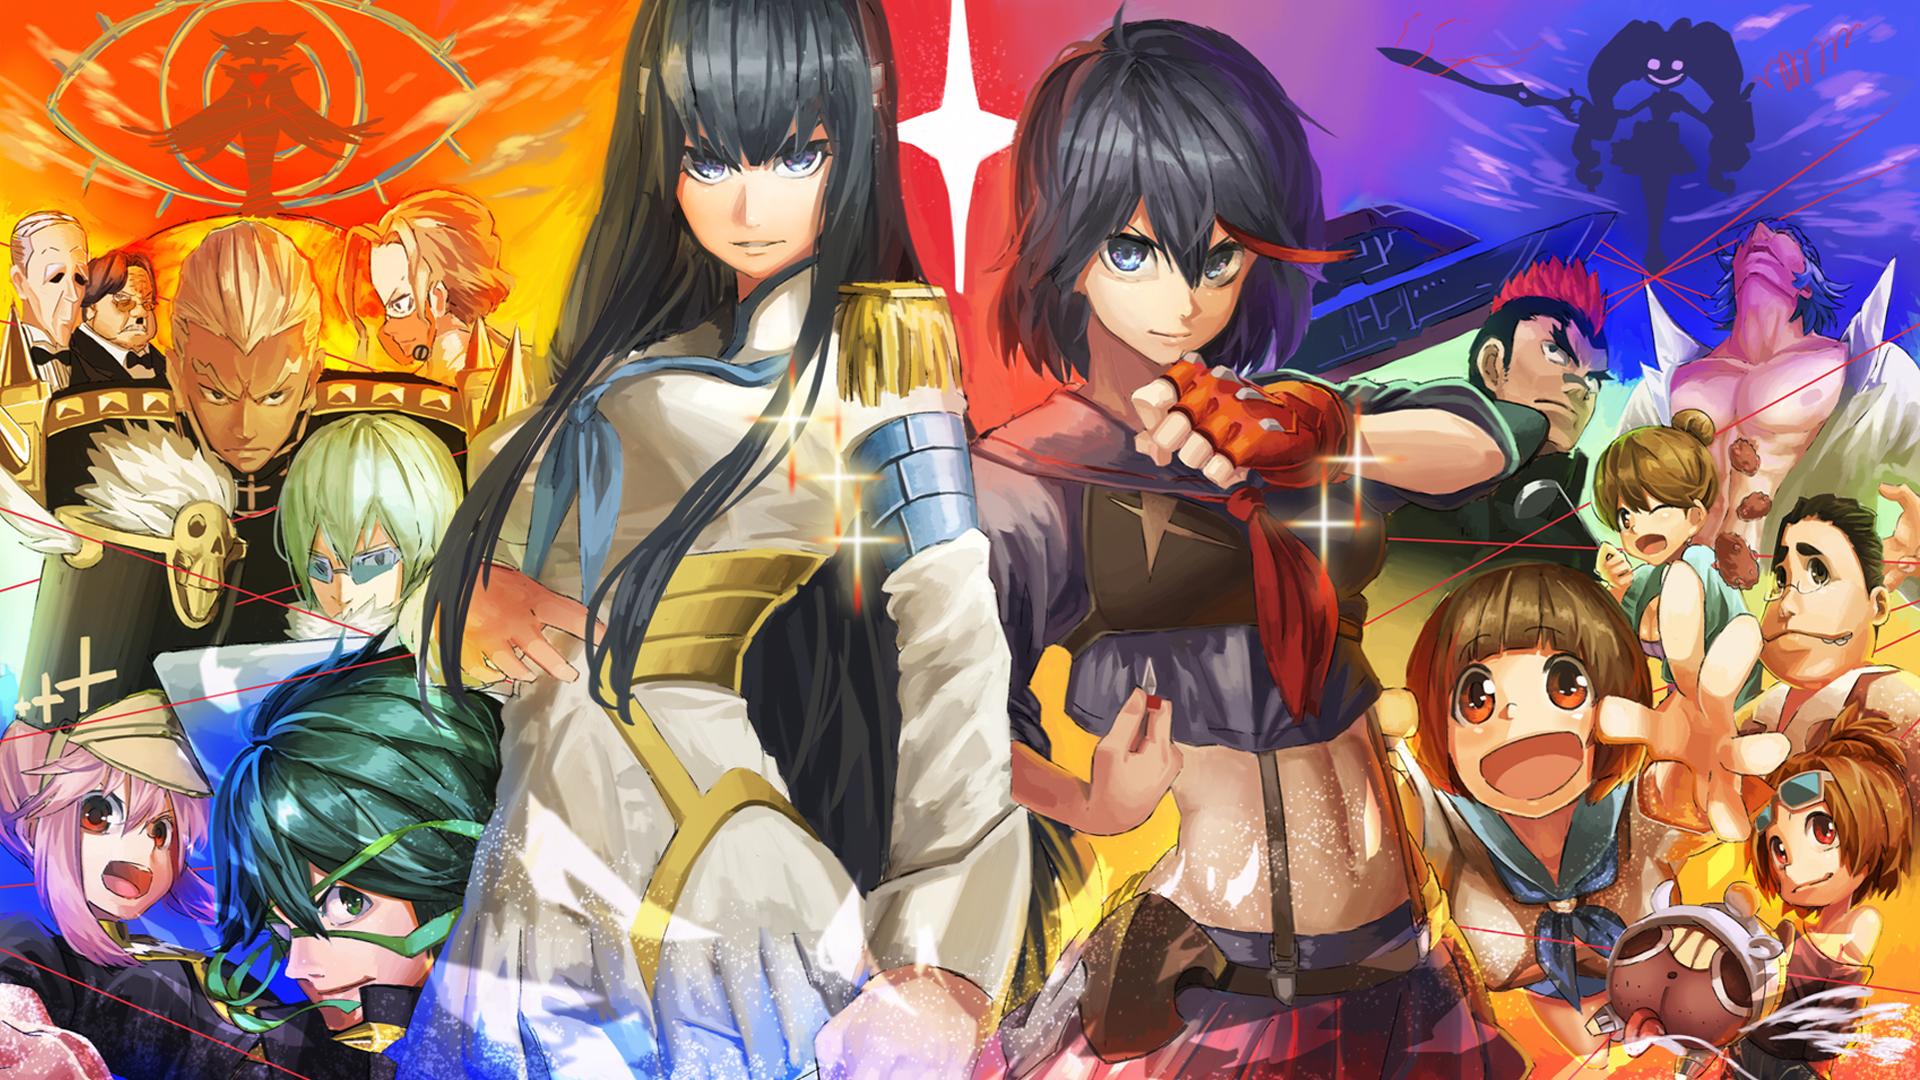 Kill la Kill 1920x1080 Anime 6r Wallpaper HD 1920x1080